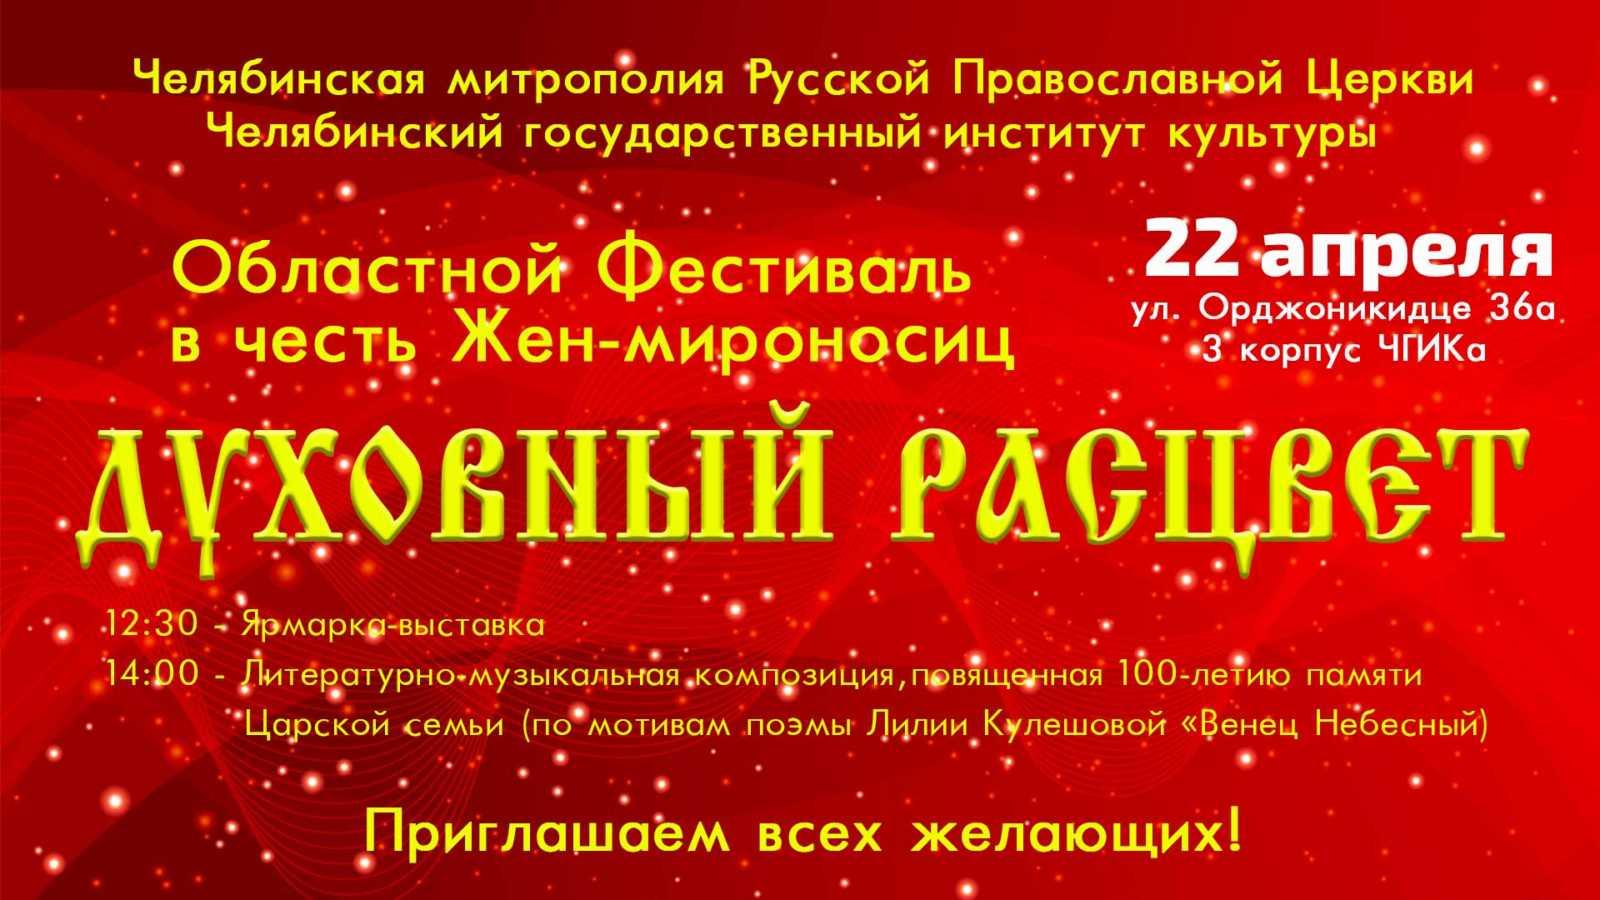 Духовный-расцвет Фестиваль в честь Жен-мироносиц Челябинск 2018